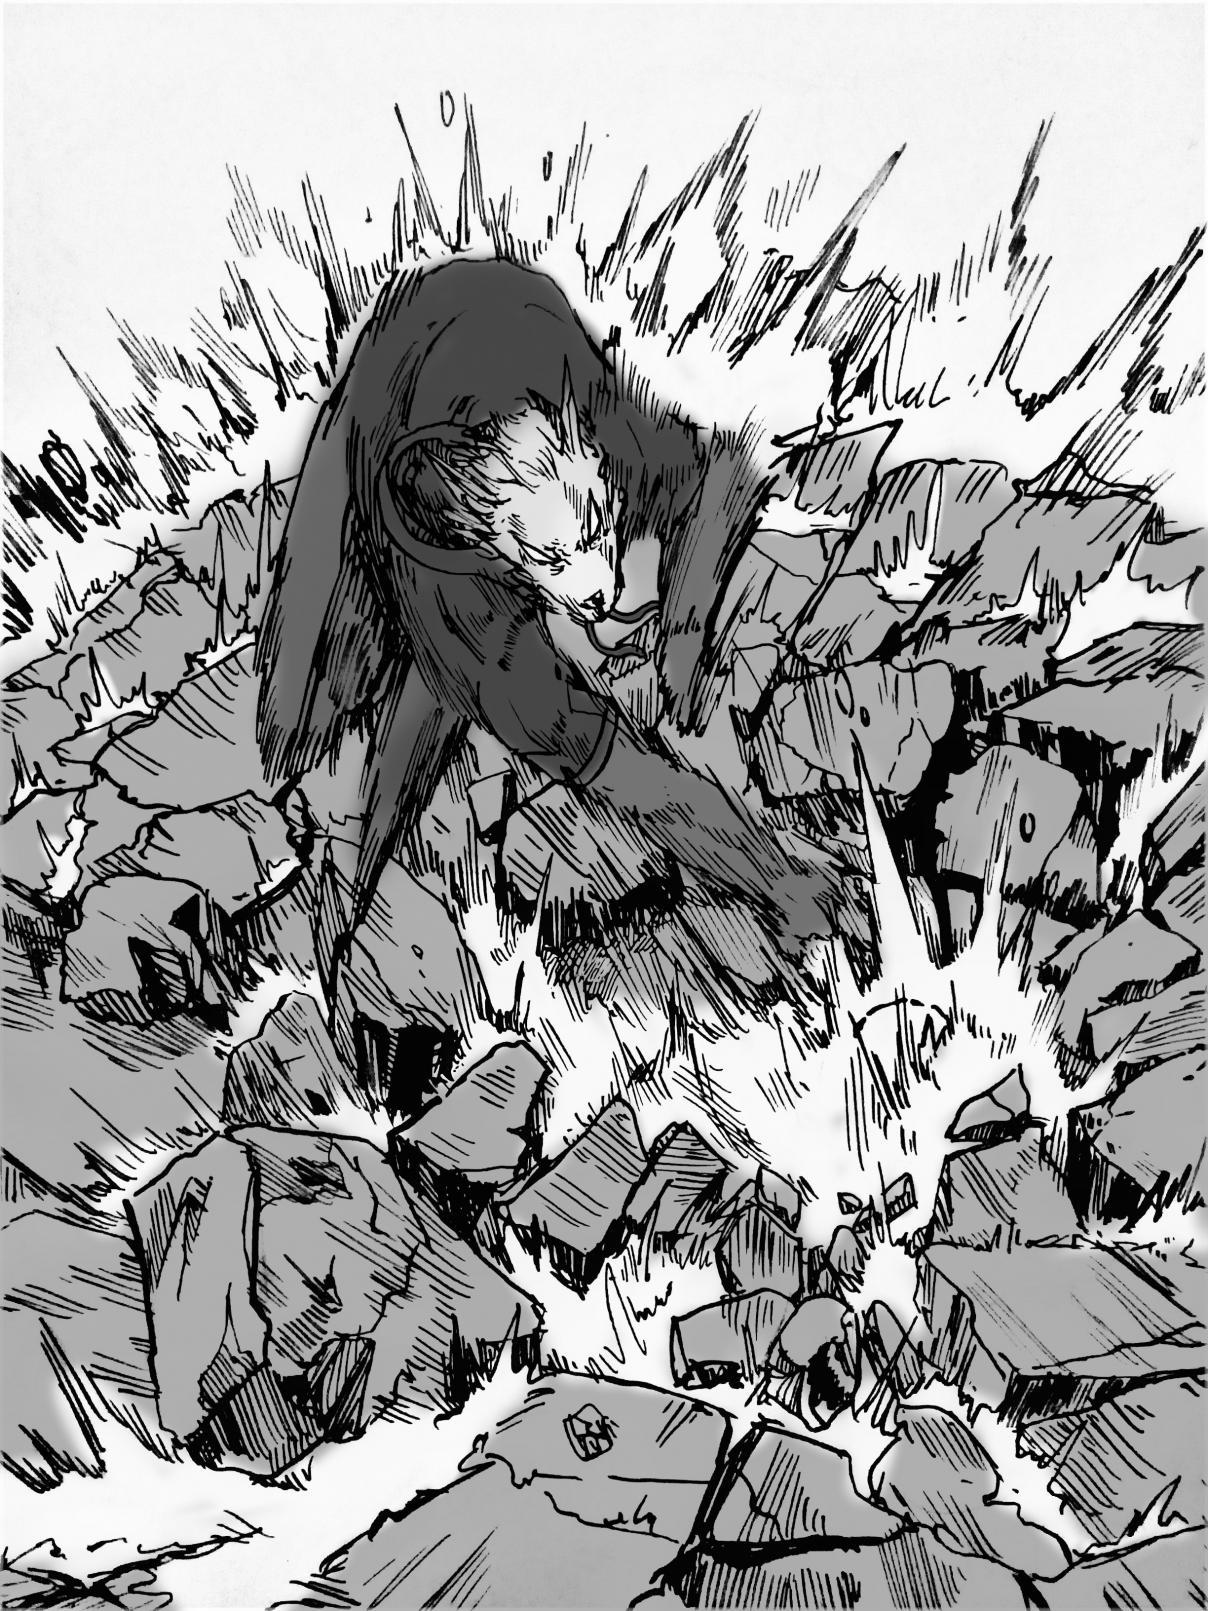 https://nine.mangadogs.com/fr_manga/pic2/57/11385/558868/47a5feca4ce02883a5643e295c7ce6cd.jpg Page 9